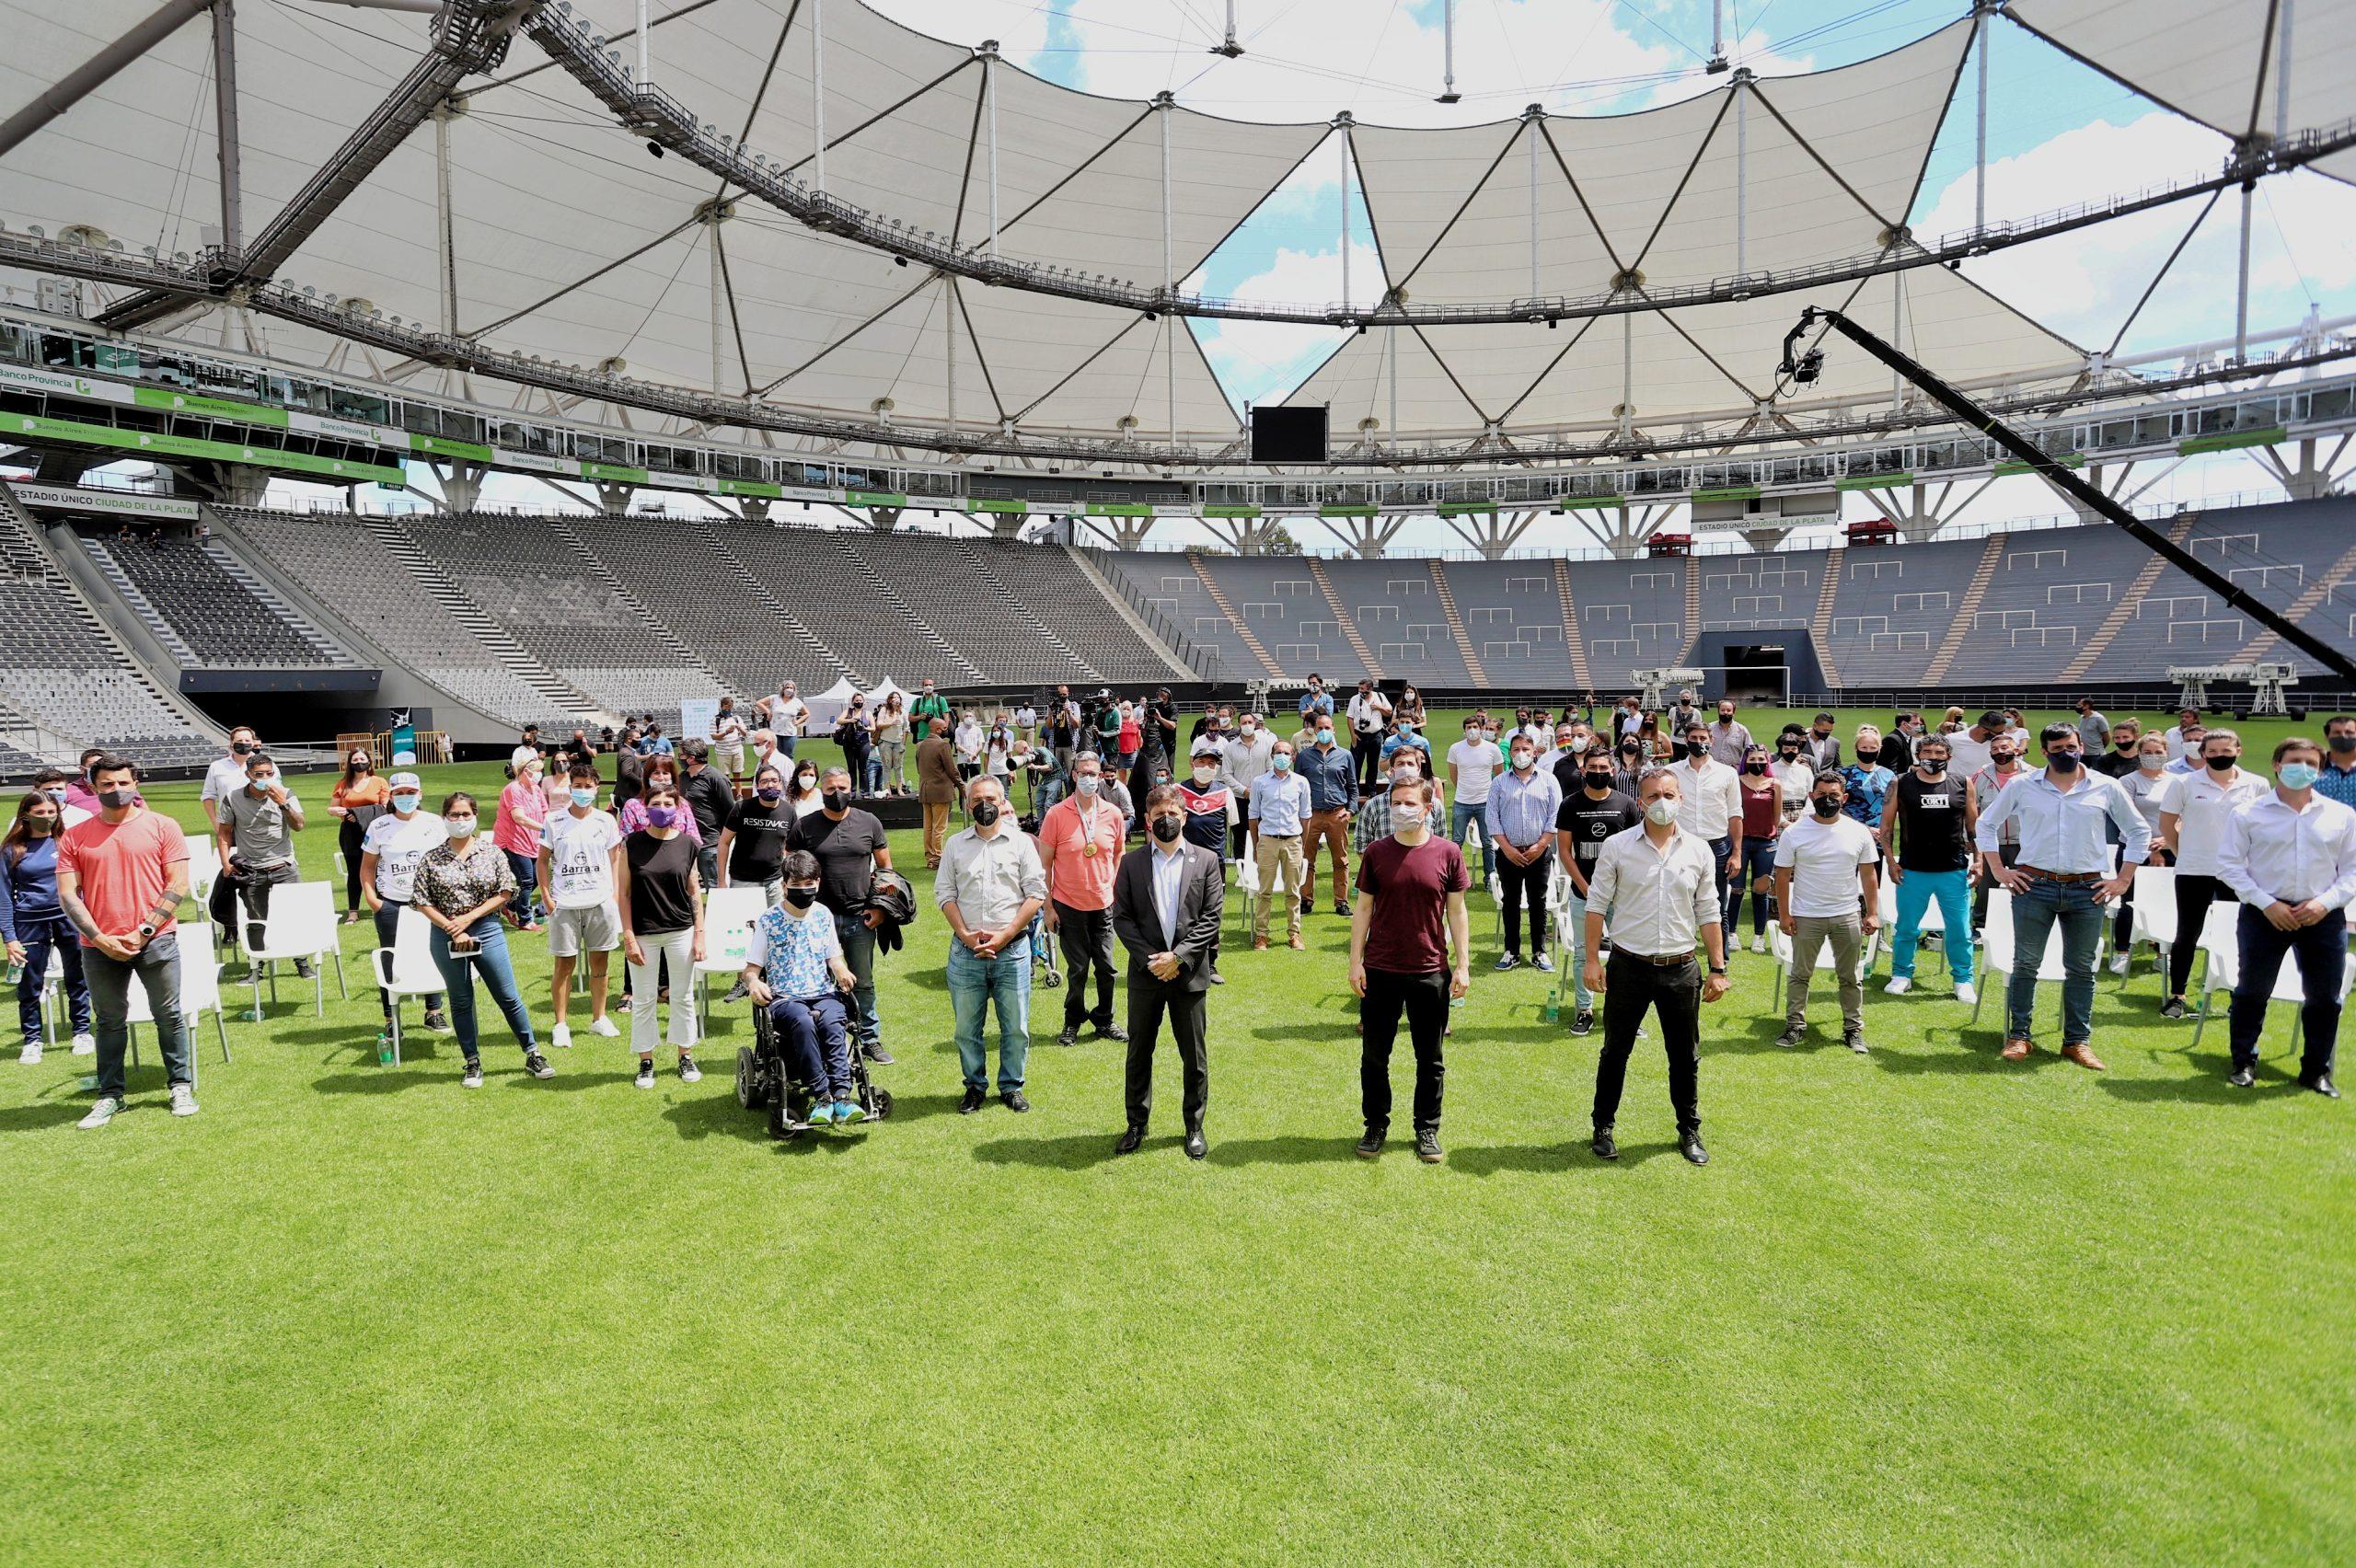 Kicillof presentó un programa de acompañamiento para el retorno seguro del deporte en la Provincia